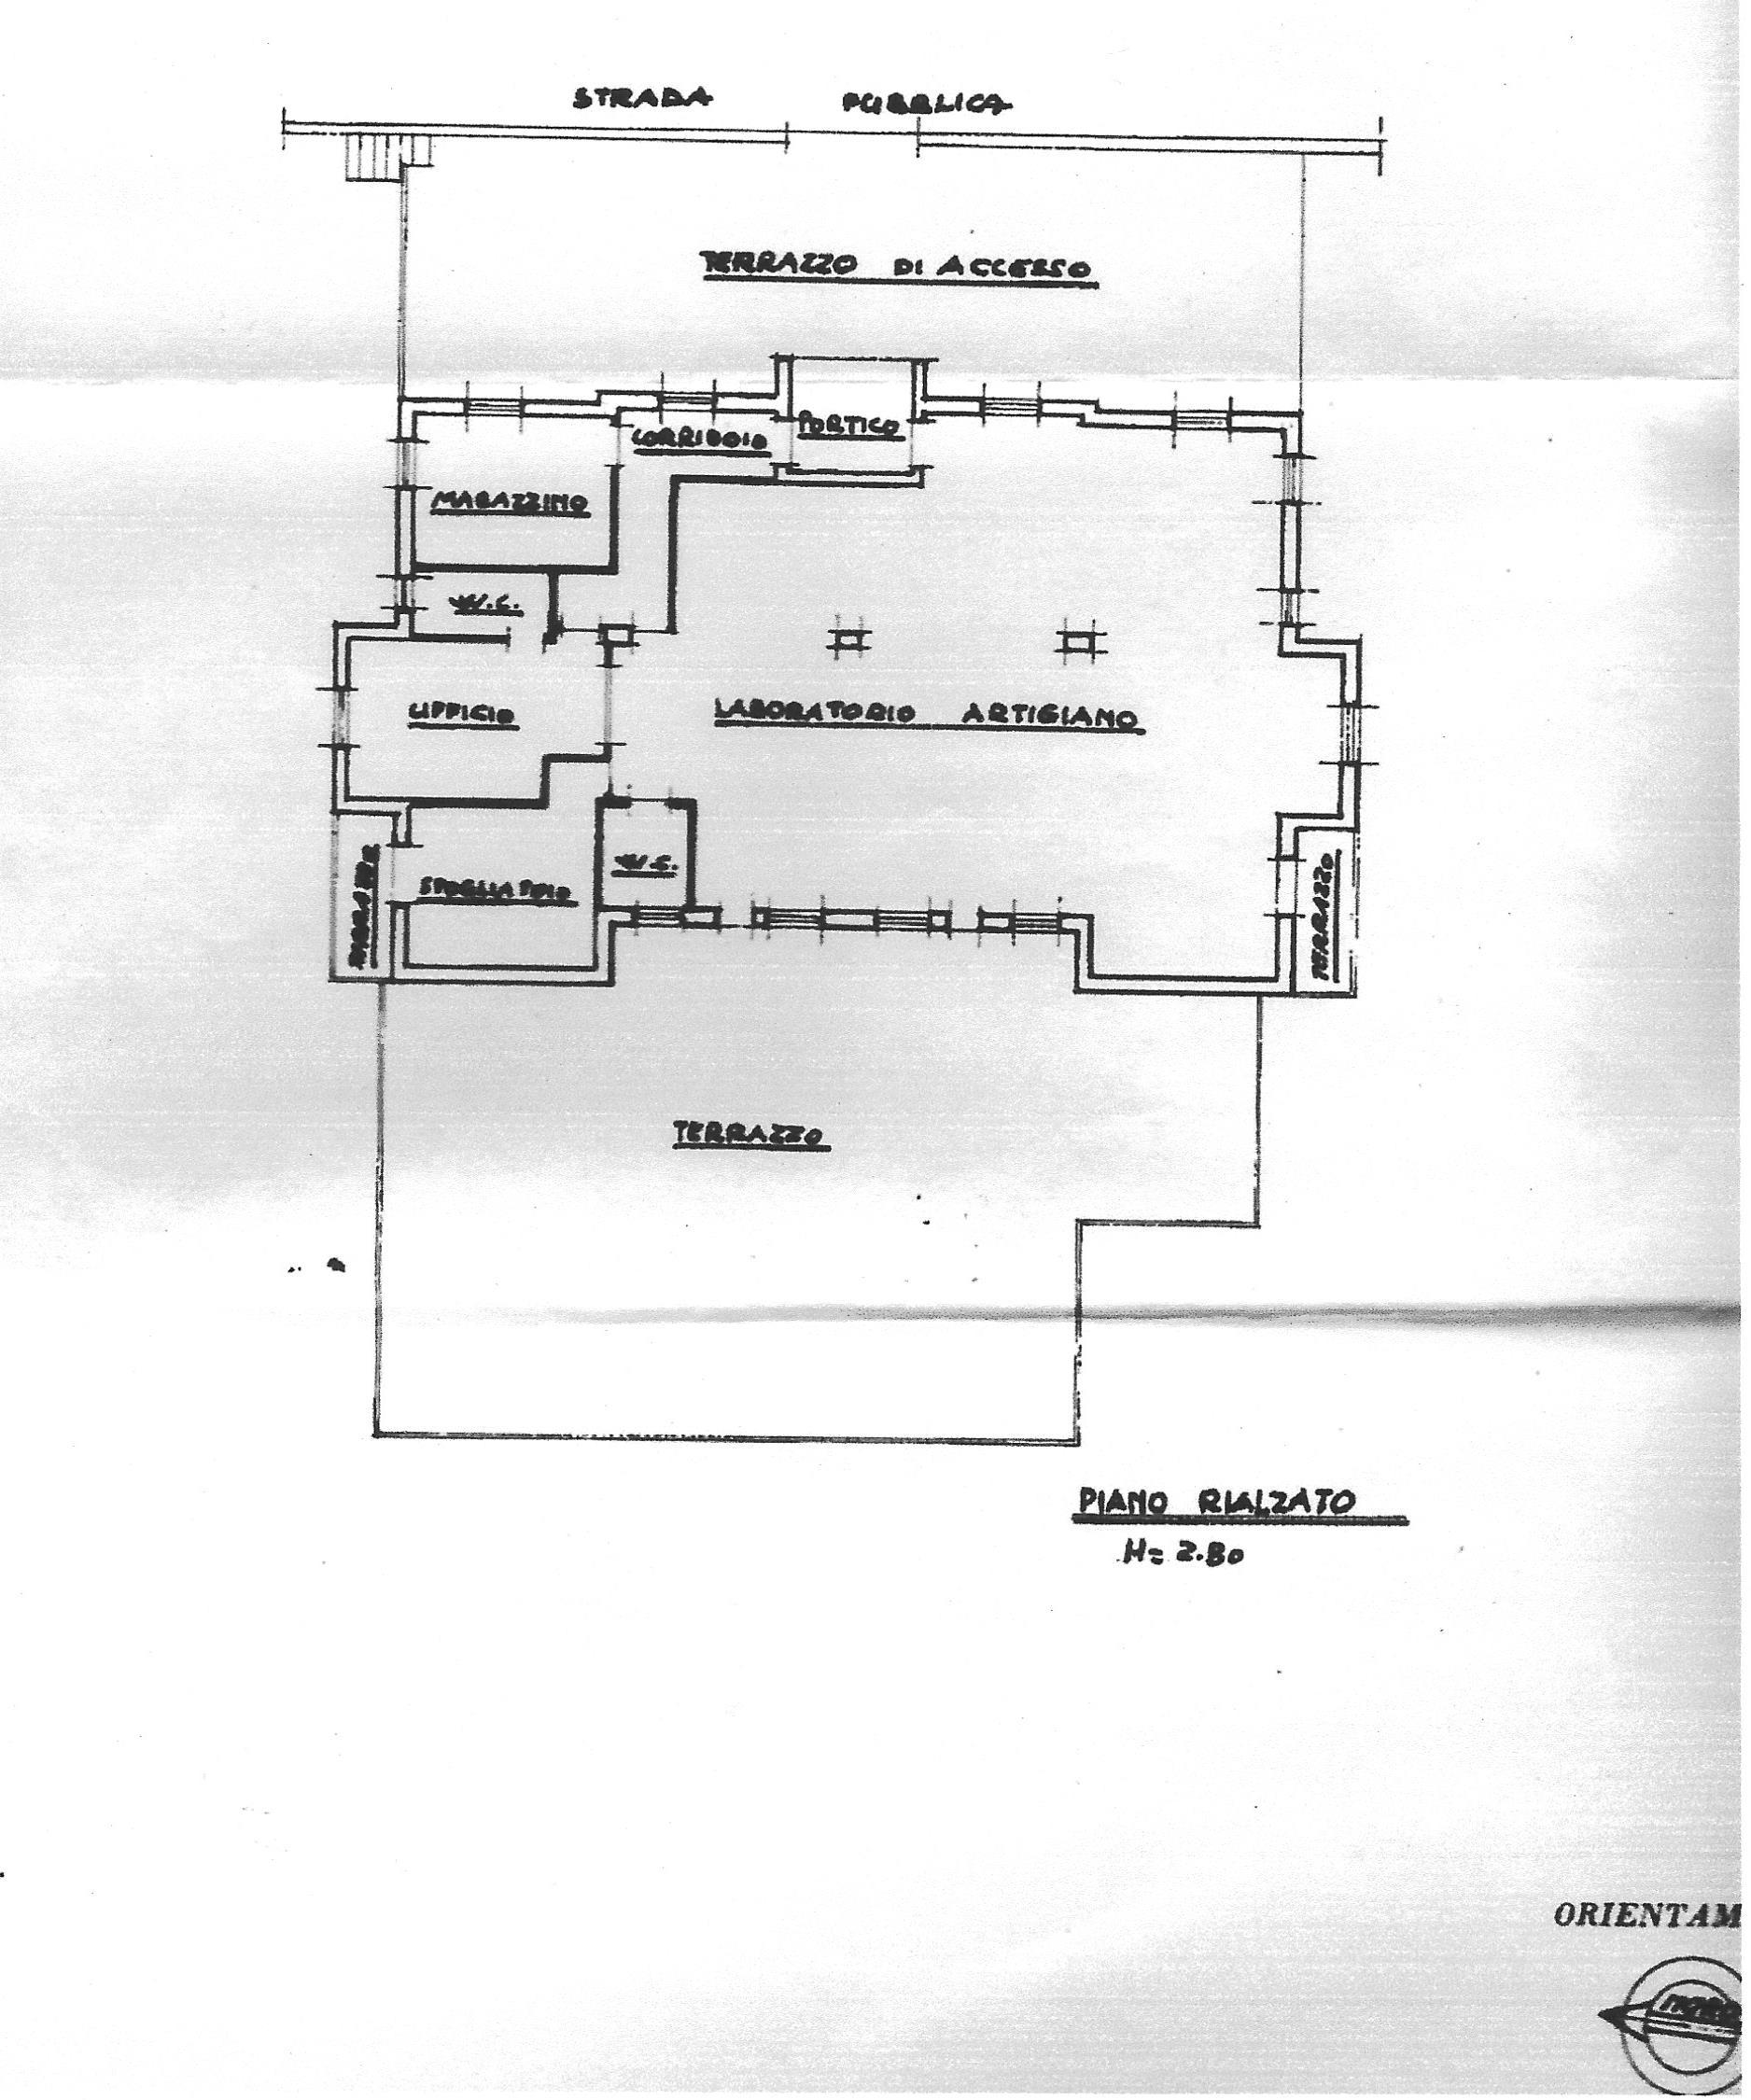 Valfabbrica - Planimetria piano rialzato